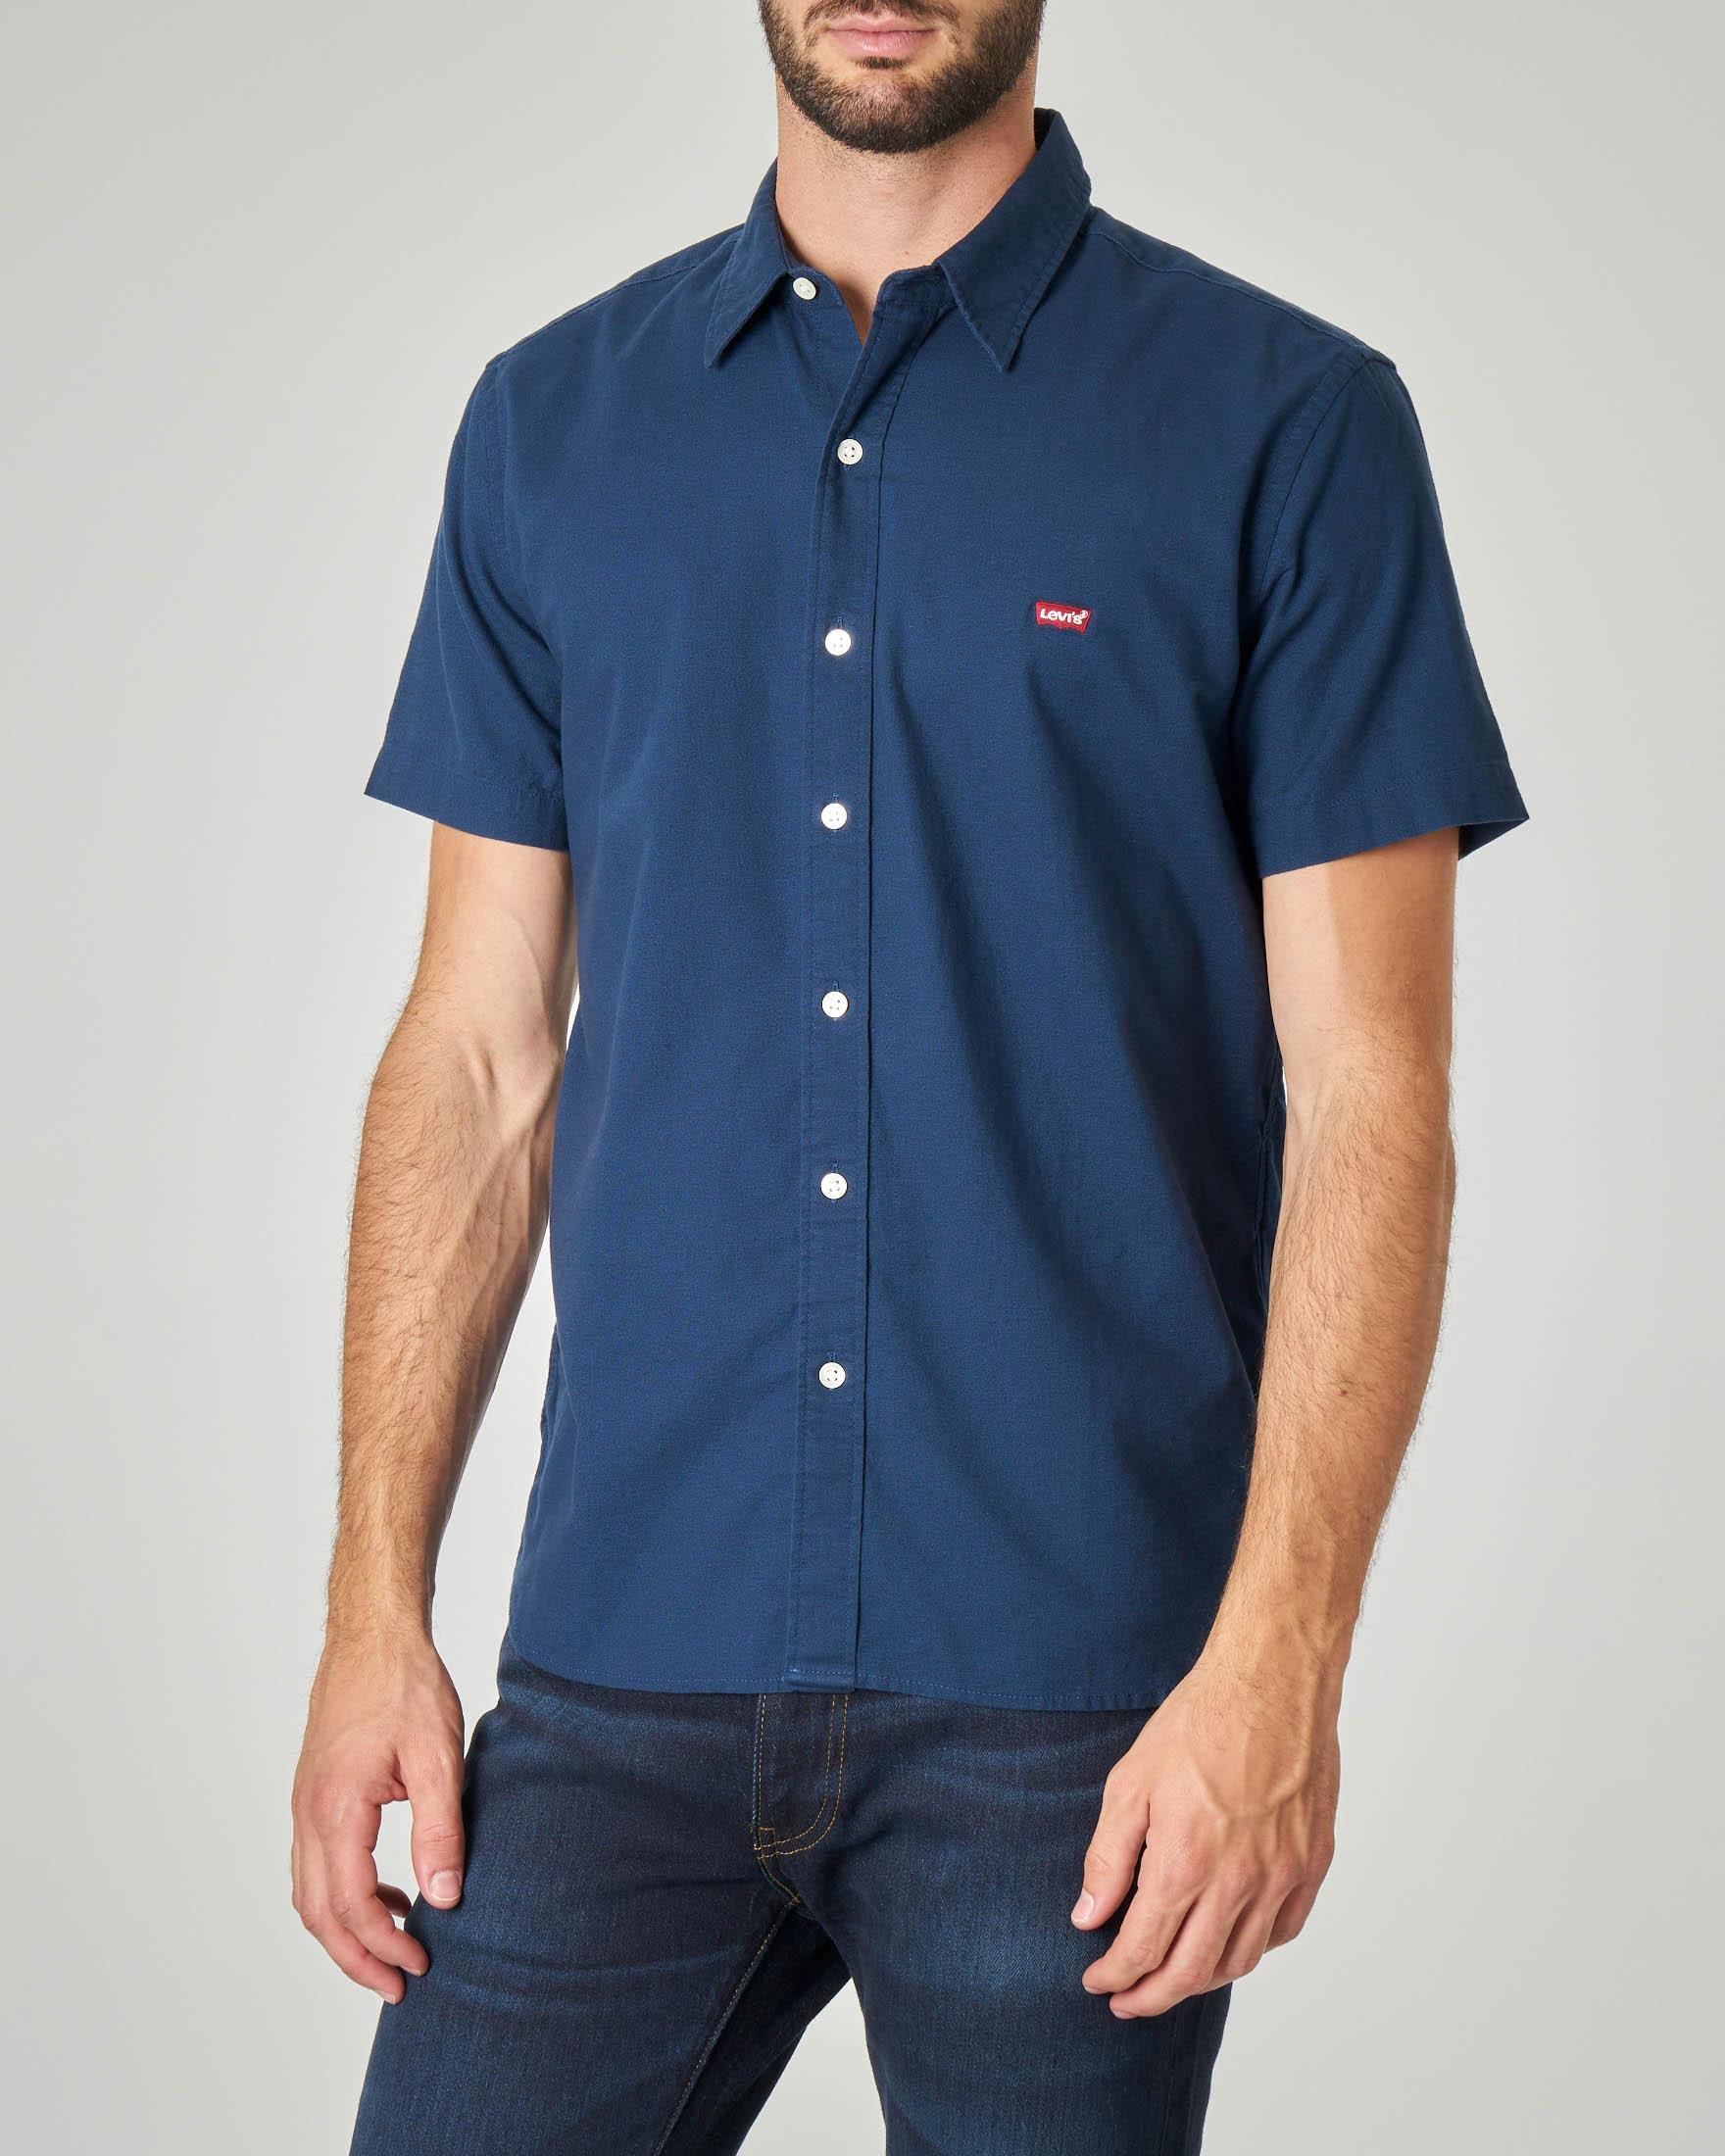 Camicia blu mezza manica con logo batwing piccolo